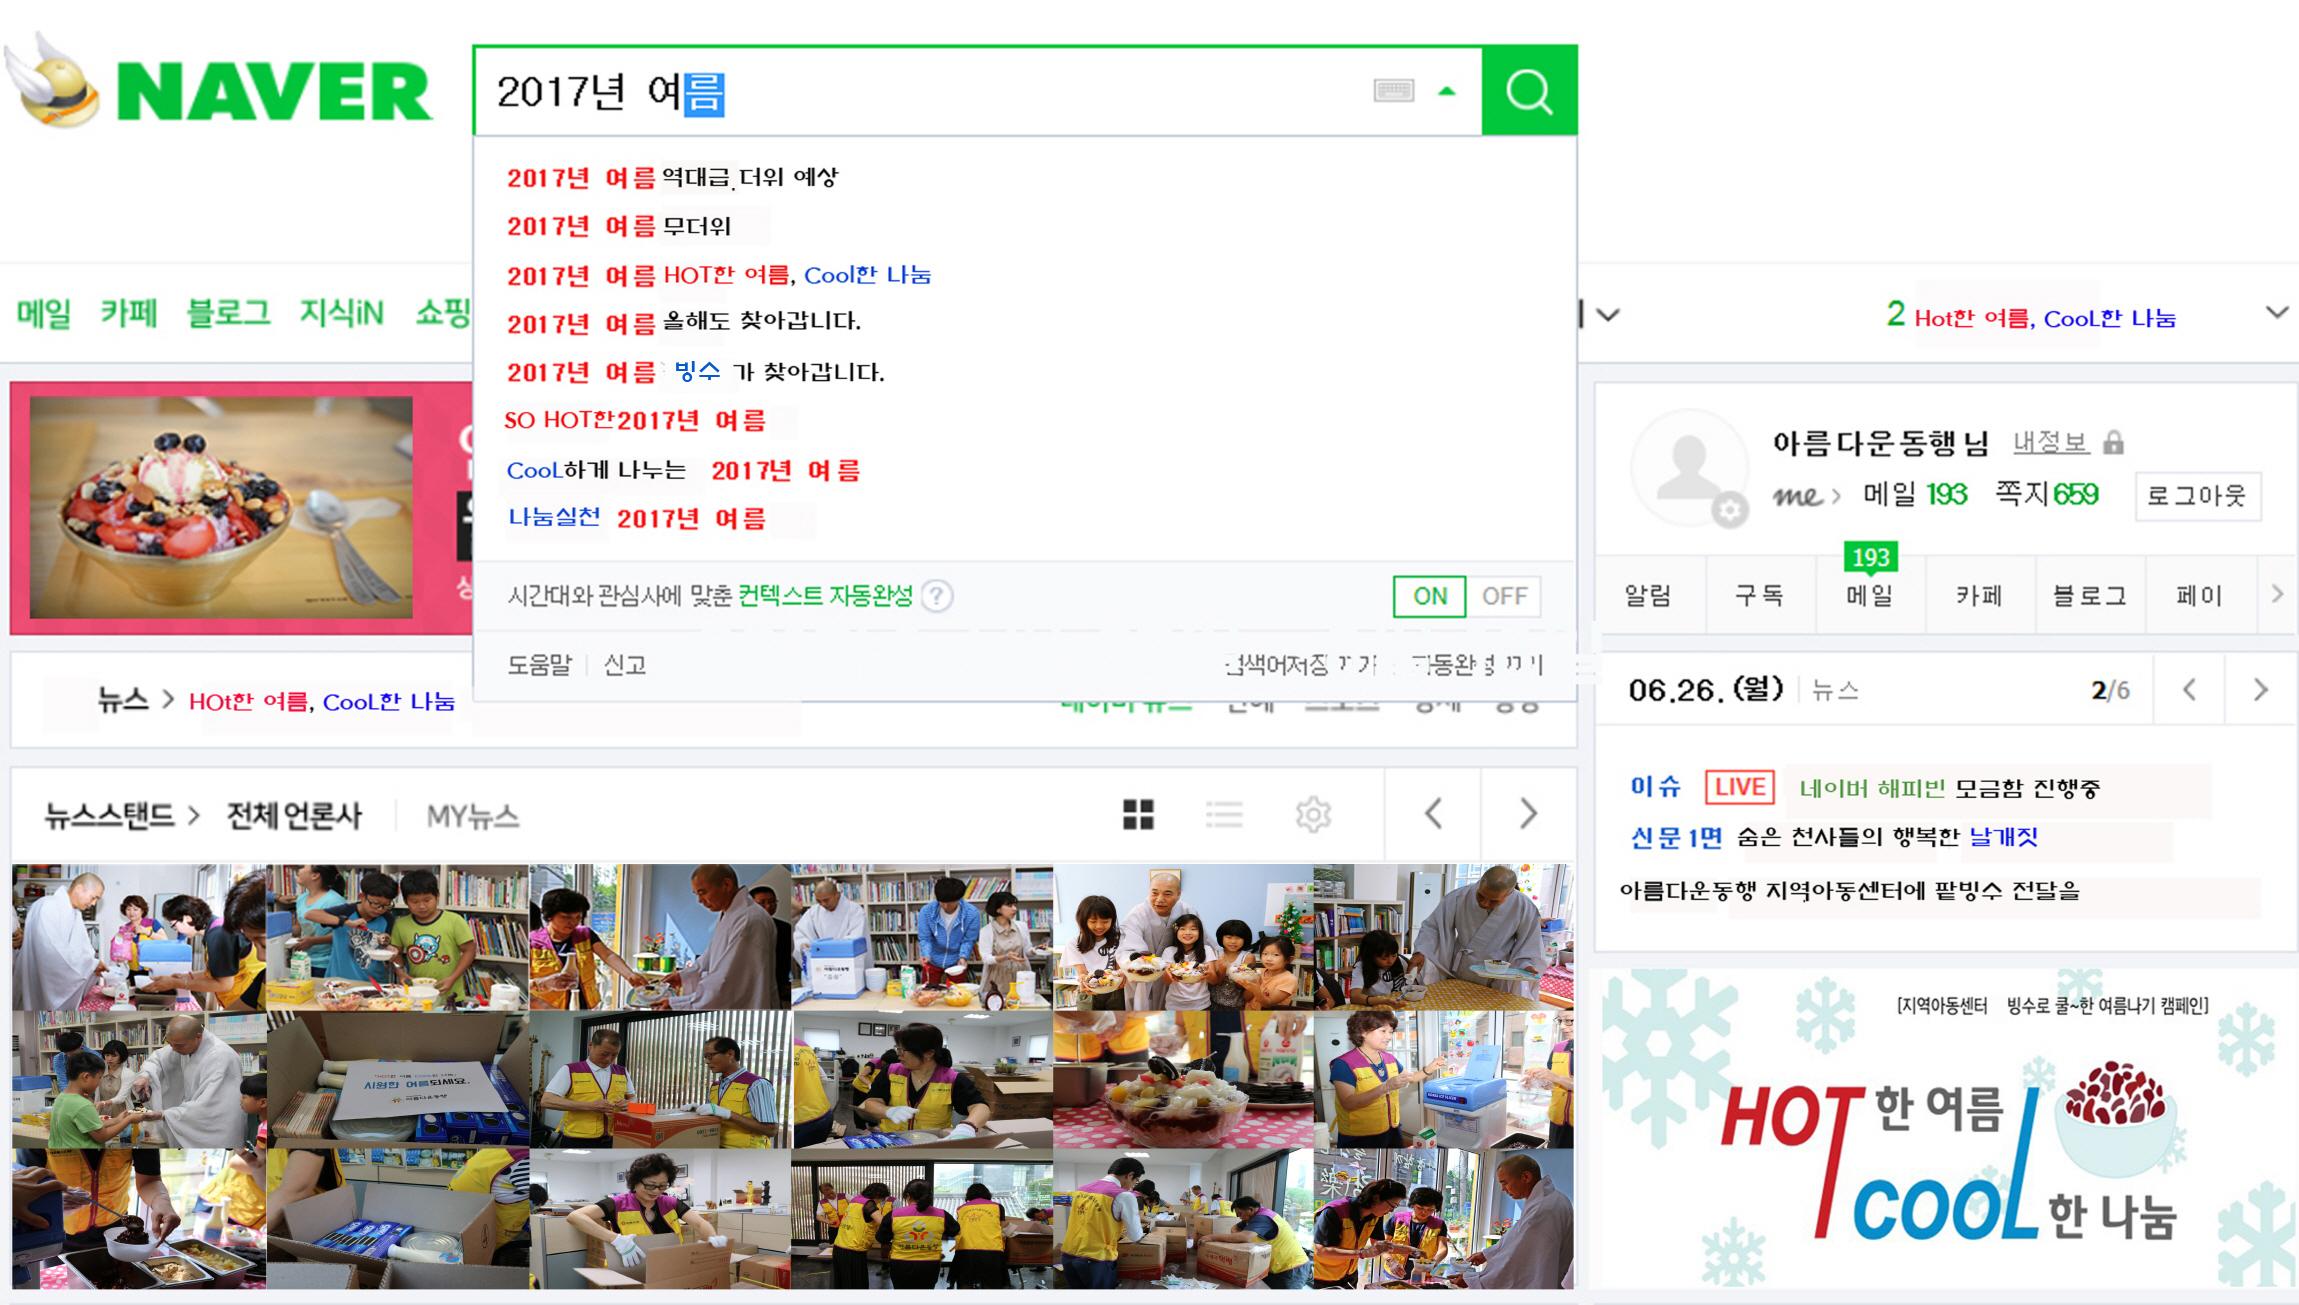 크기변환_Hot한 여름, CooL한 나눔(수정1)